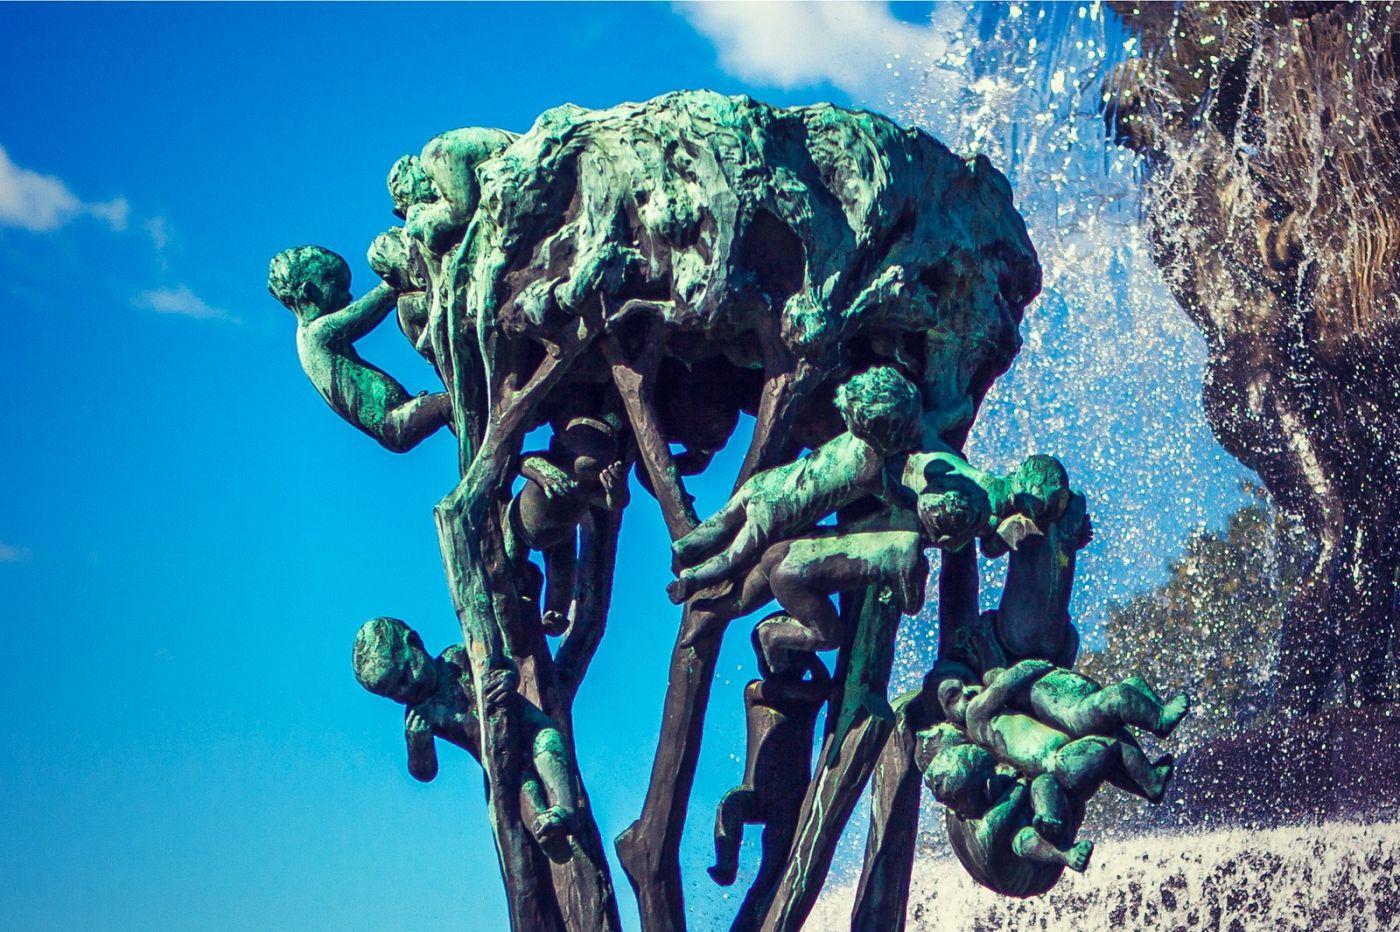 挪威维格兰雕塑公园,风格明显_图1-6